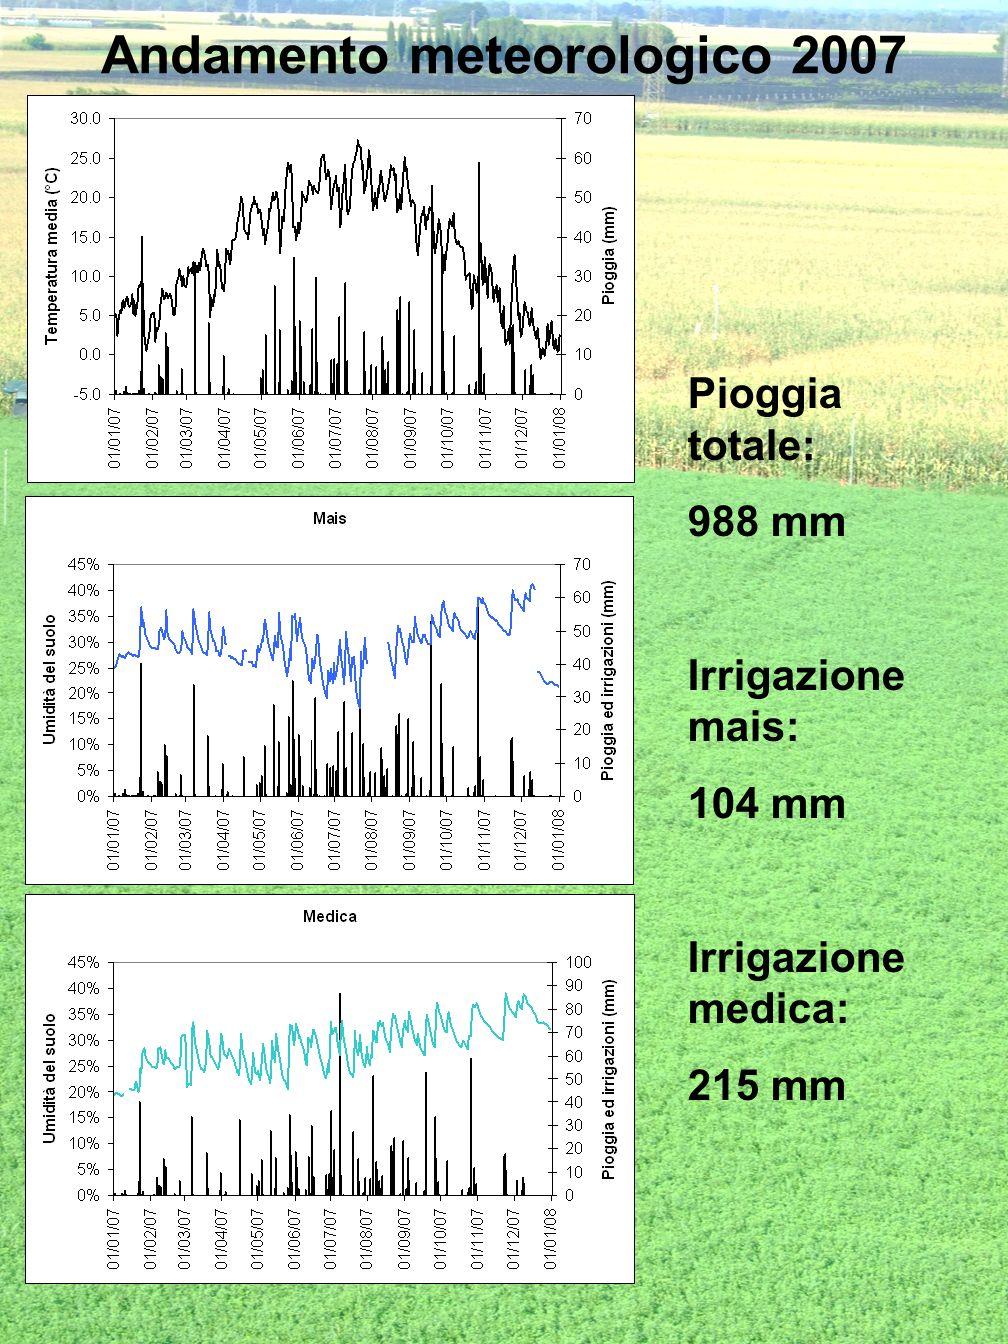 Andamento meteorologico 2007 Pioggia totale: 988 mm Irrigazione mais: 104 mm Irrigazione medica: 215 mm